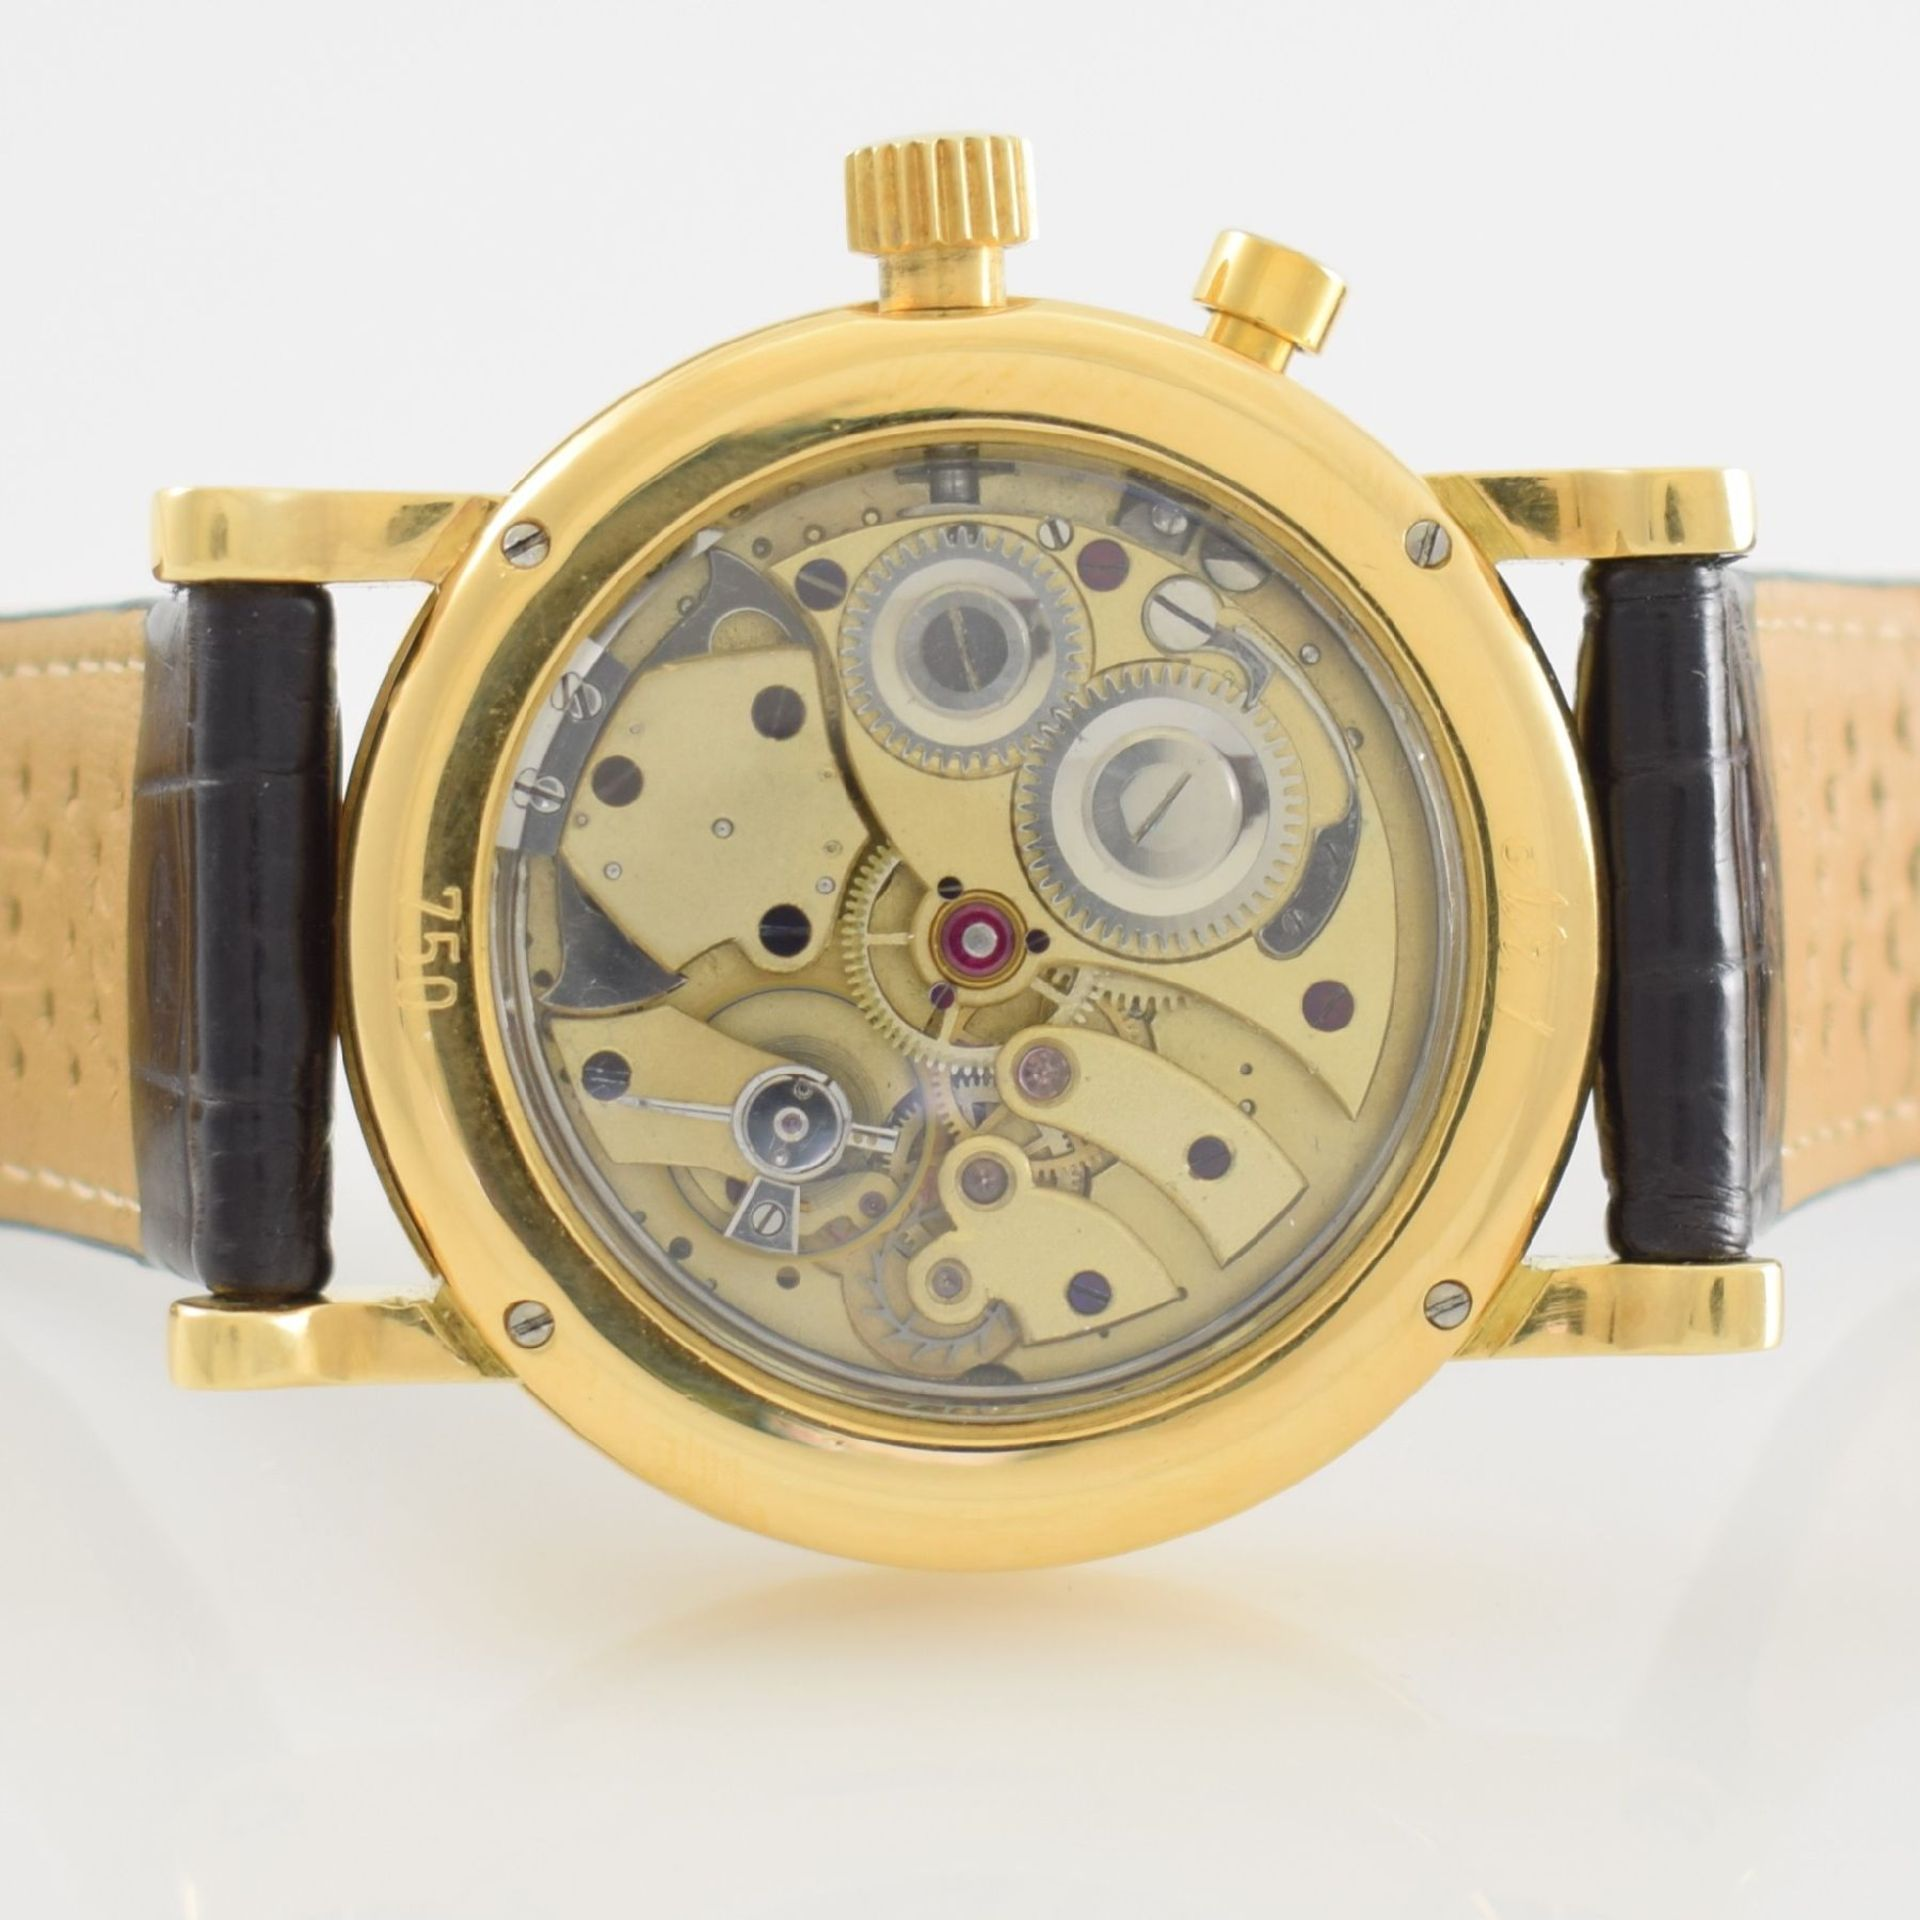 Taschenuhrwerk mit 1/4 Repetition umgebaut zur Armbanduhr in GG 750/000 Gehäuse, Handaufzug, - Bild 7 aus 9